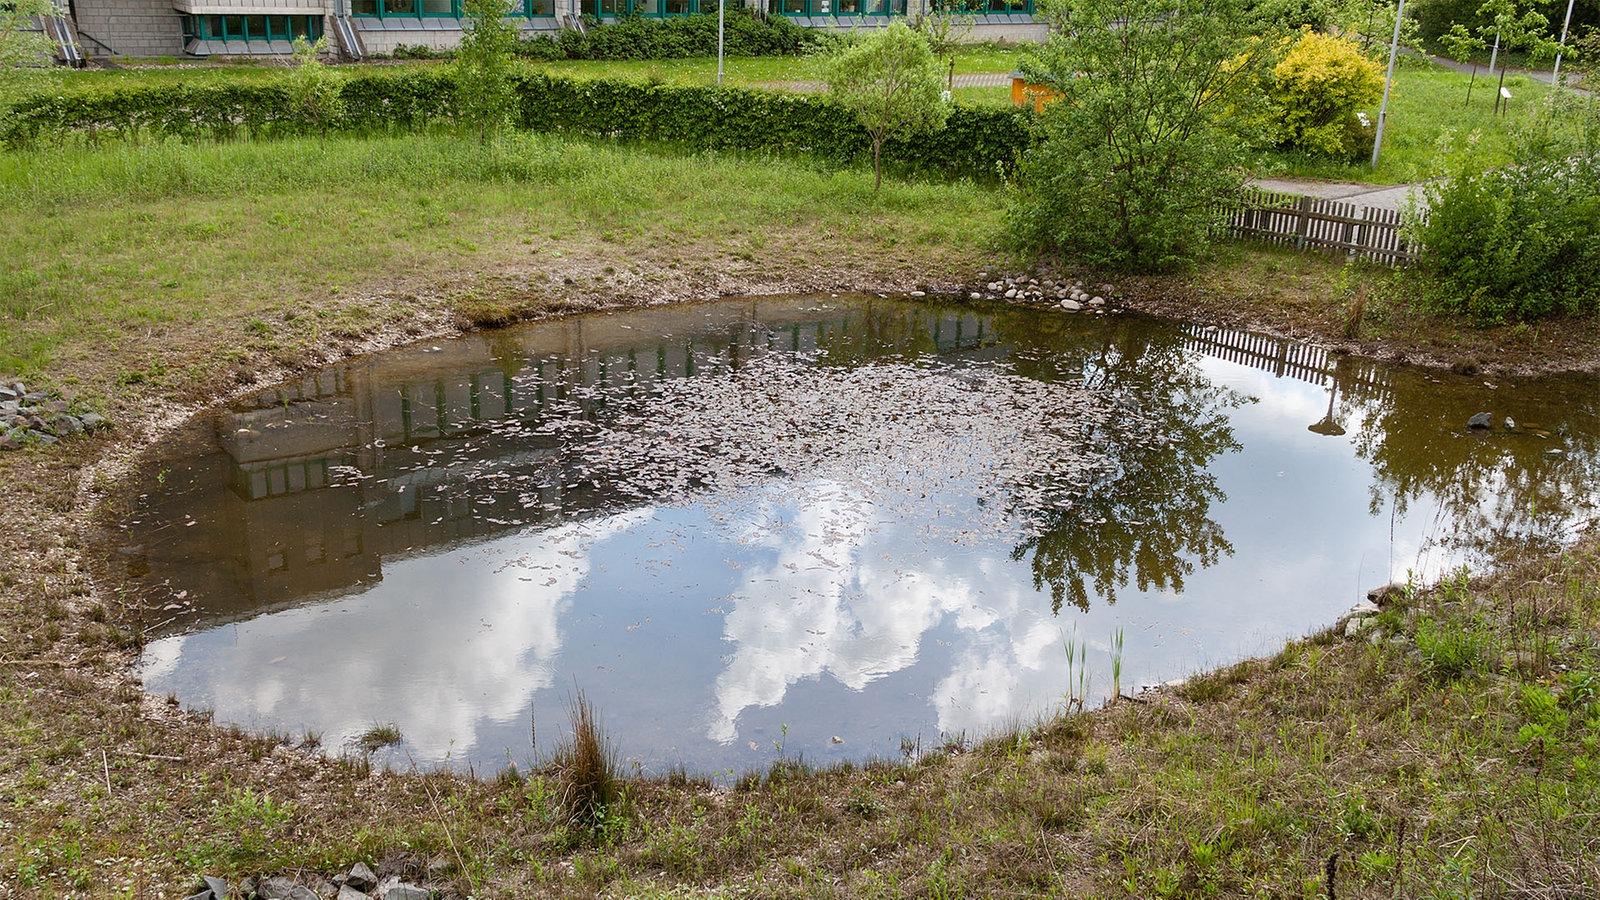 Naturteich wasser voller leben wohnen verbraucher wdr for Fische naturteich